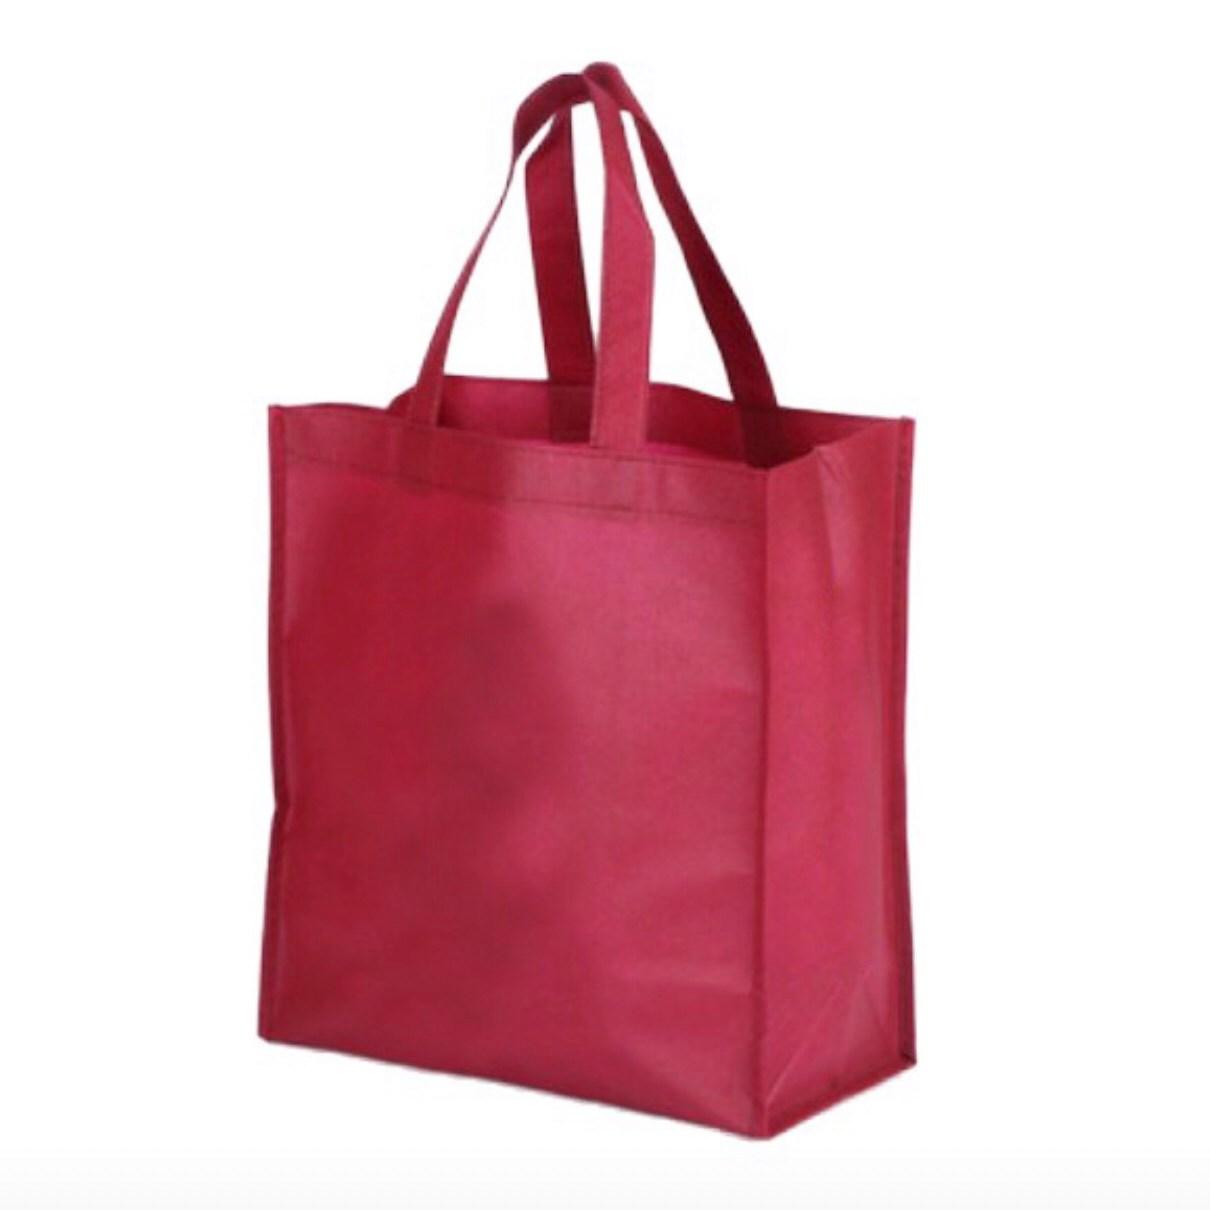 外帶自取環保購物袋客製不織布提袋